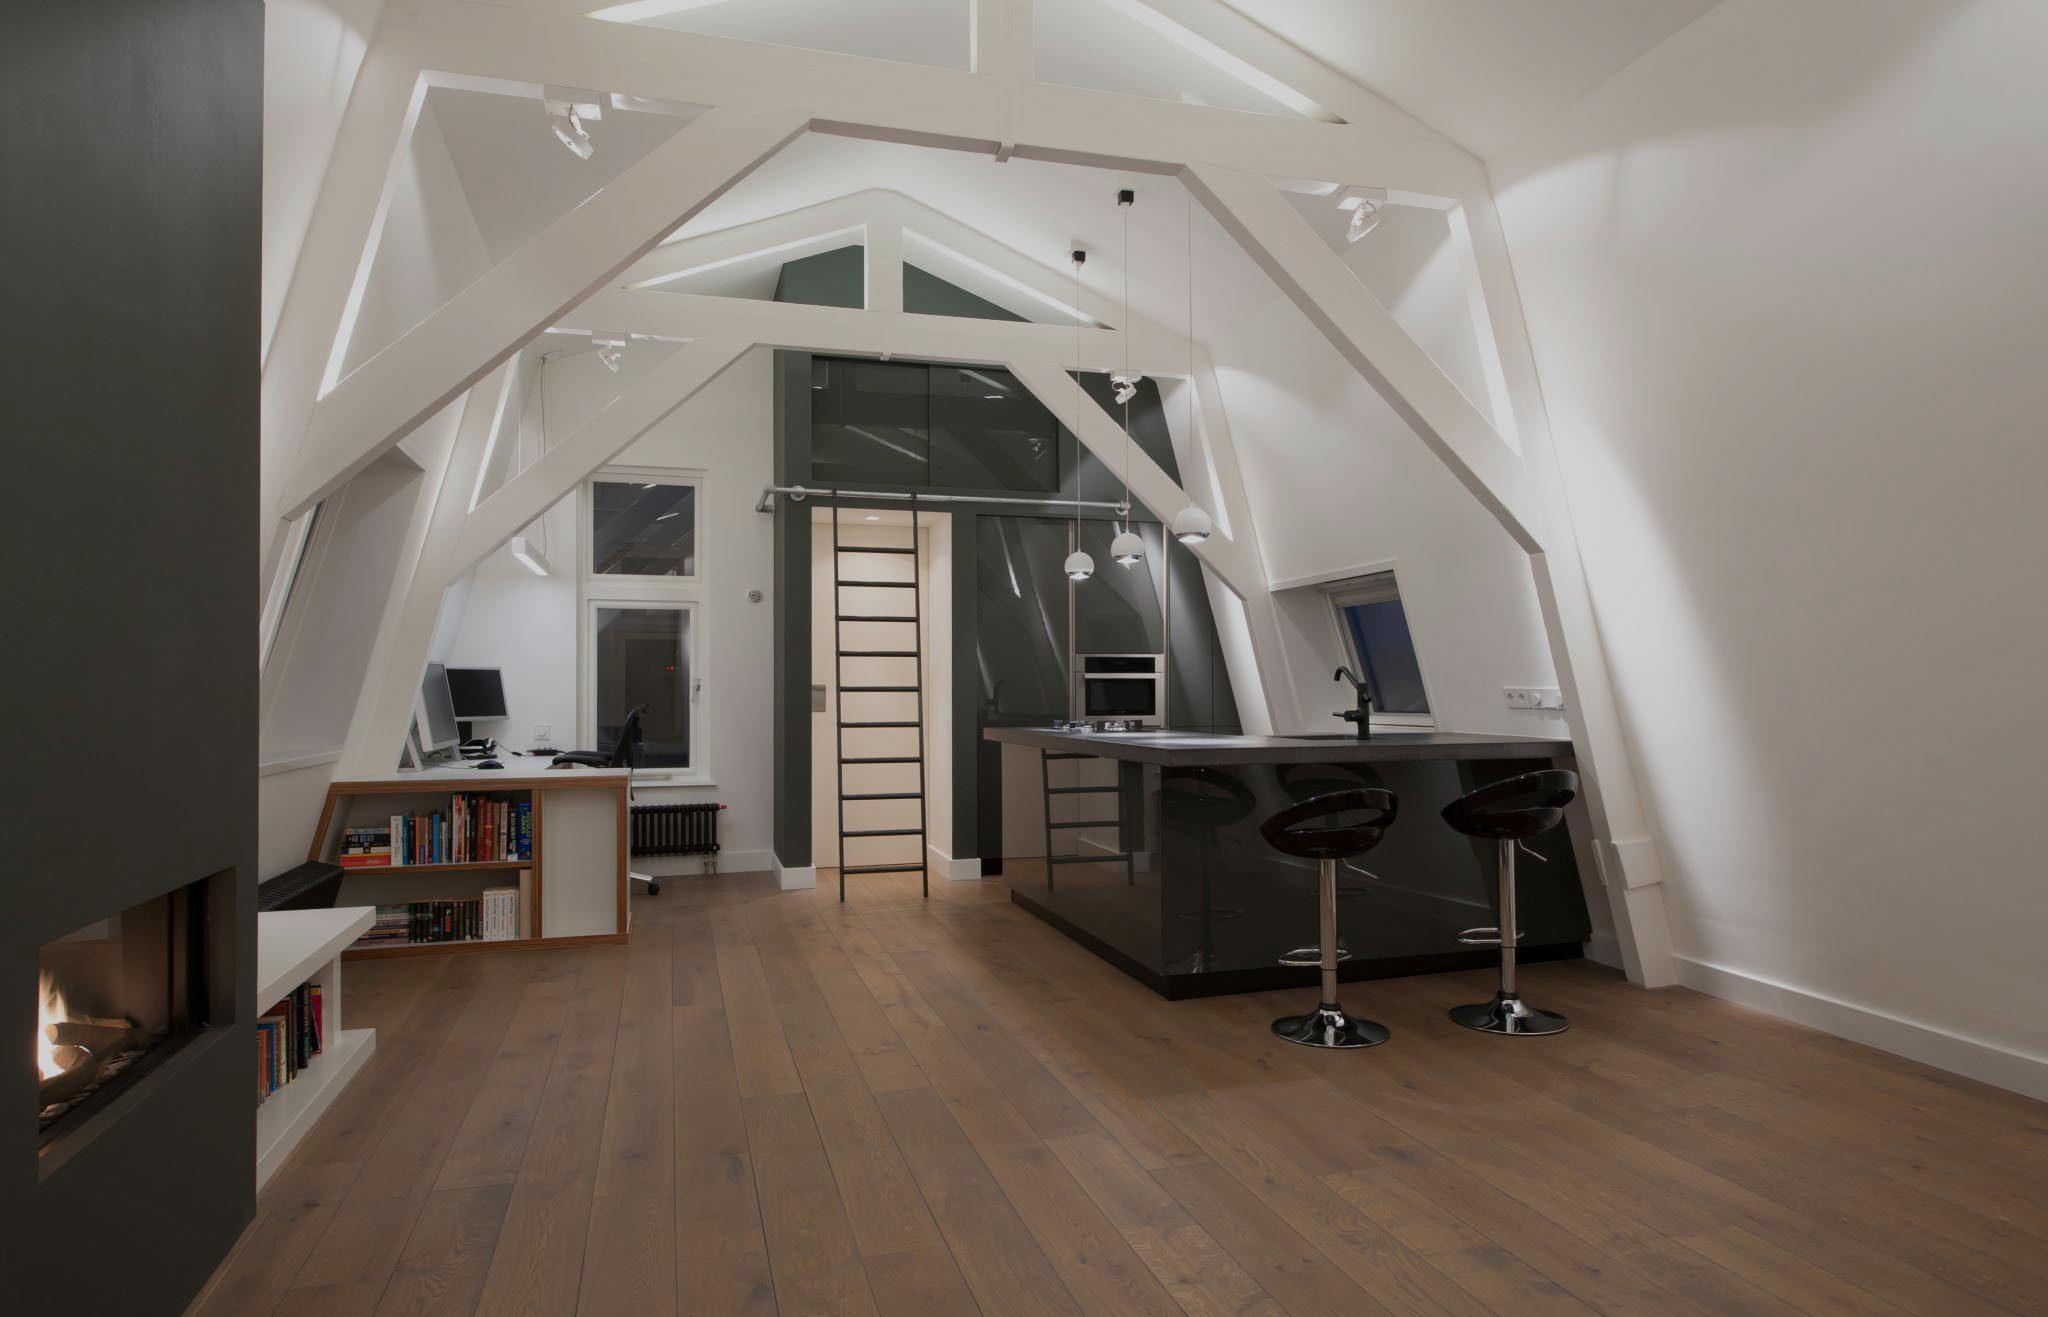 Interieur Ontwerper Of Het Perfecte Eindresultaat Interieurontwerper Cris Van